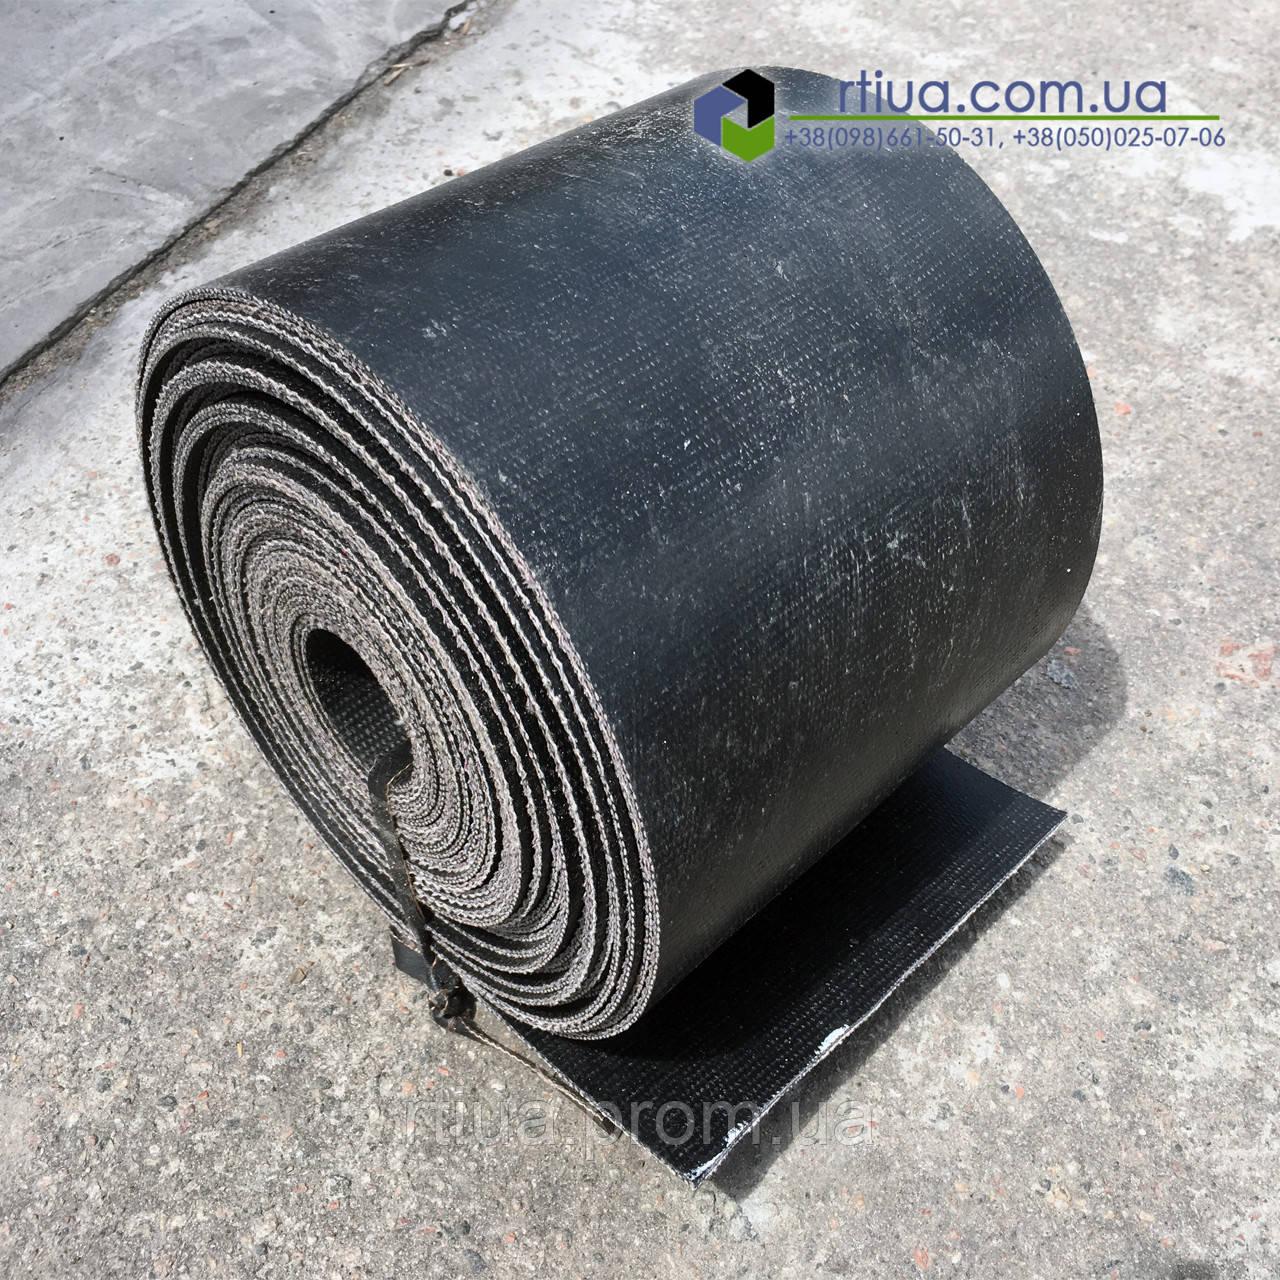 Транспортерная лента БКНЛ, 400х4 мм